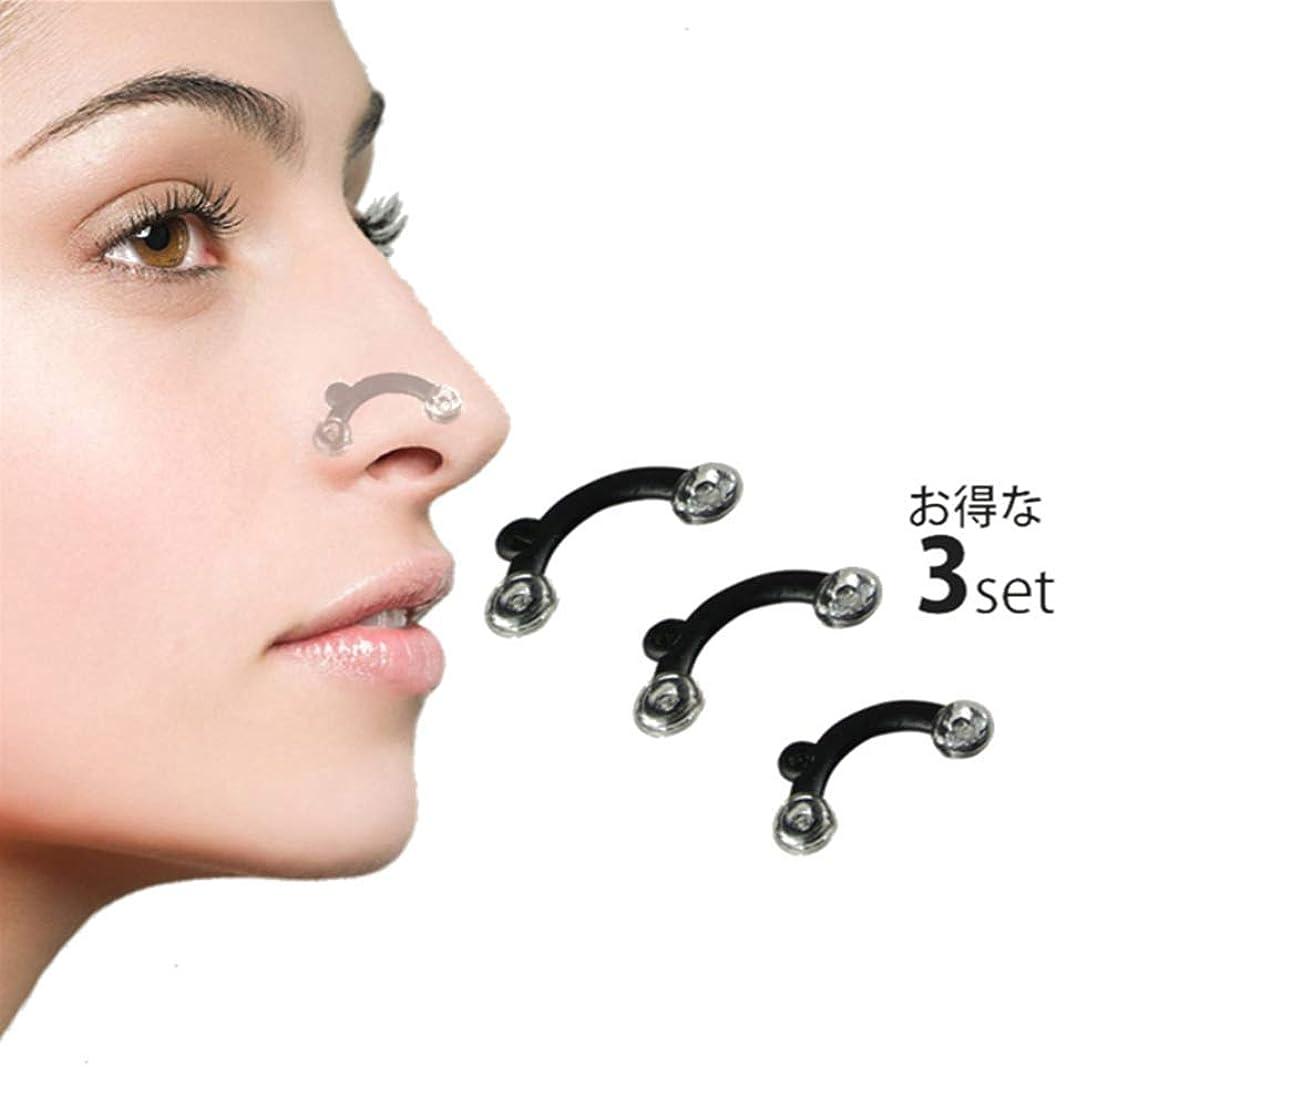 指導するアジテーション予言するITIGOTEN 鼻プチ 鼻のアイプチ 矯正プチ 美鼻 医療用シリコン使用 整形せず 痛くない 柔軟性高く